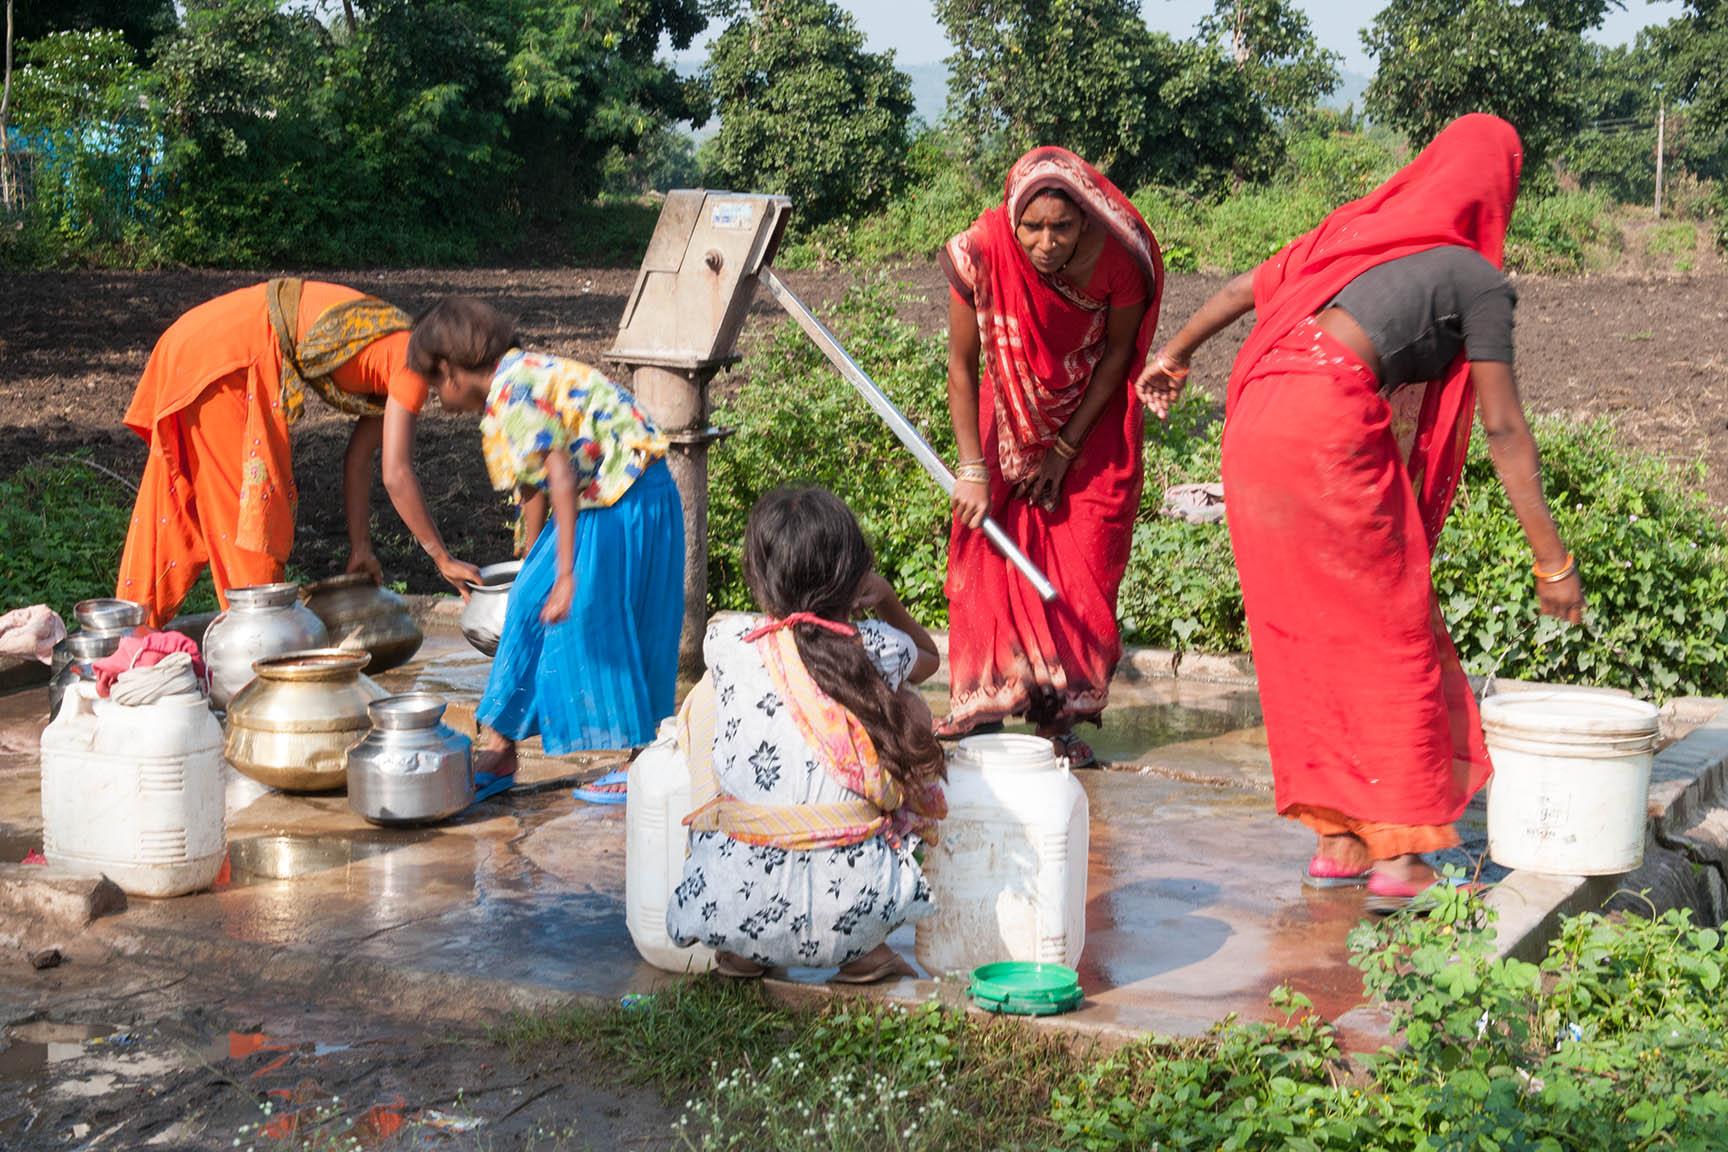 Wasserversorgung ist bei Indiens Landbevölkerung Frauensache